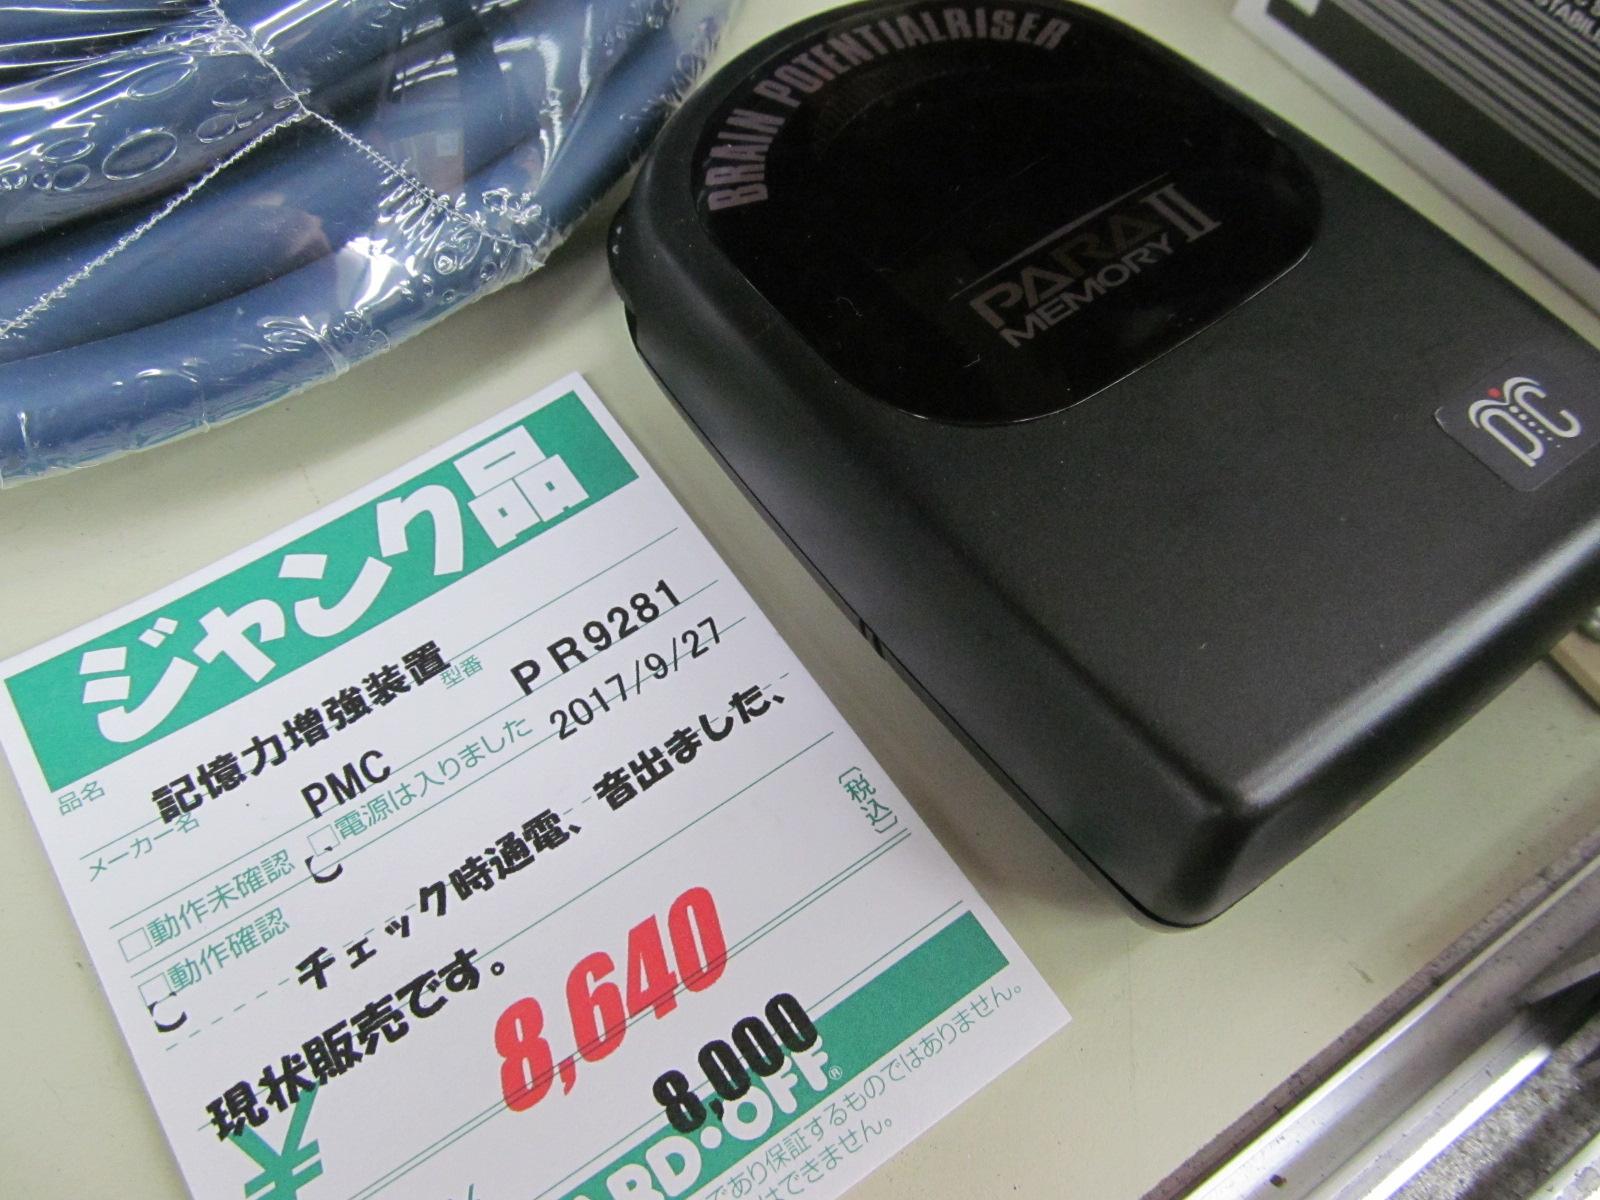 【魔窟探訪】ジャンクコーナー放浪記!_[4]